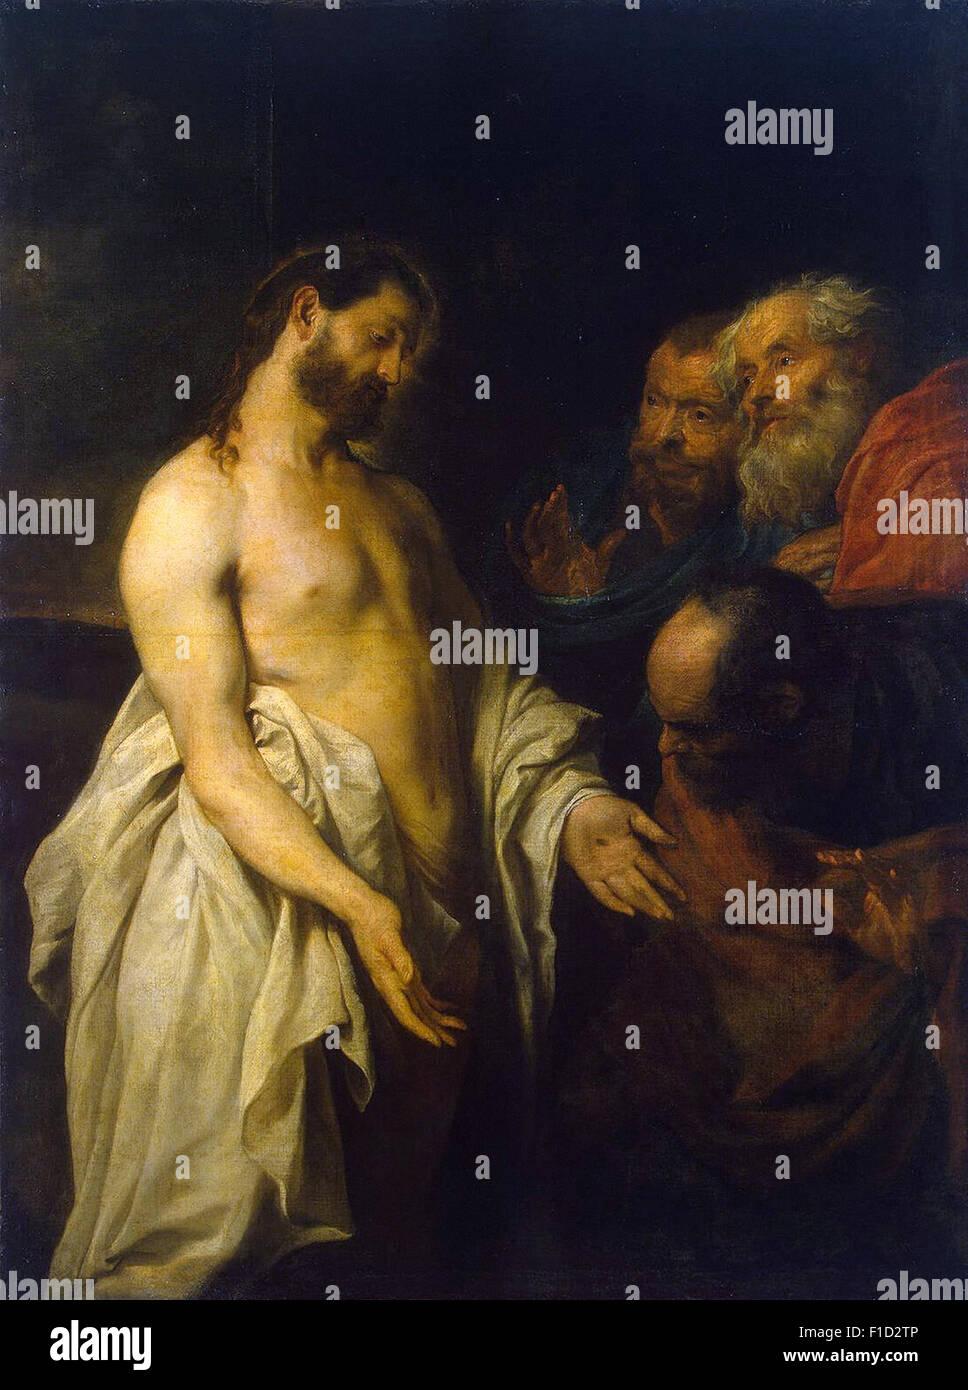 Anthony Van Dyck - Erscheinung des Christus zu seinen Jüngern Stockbild